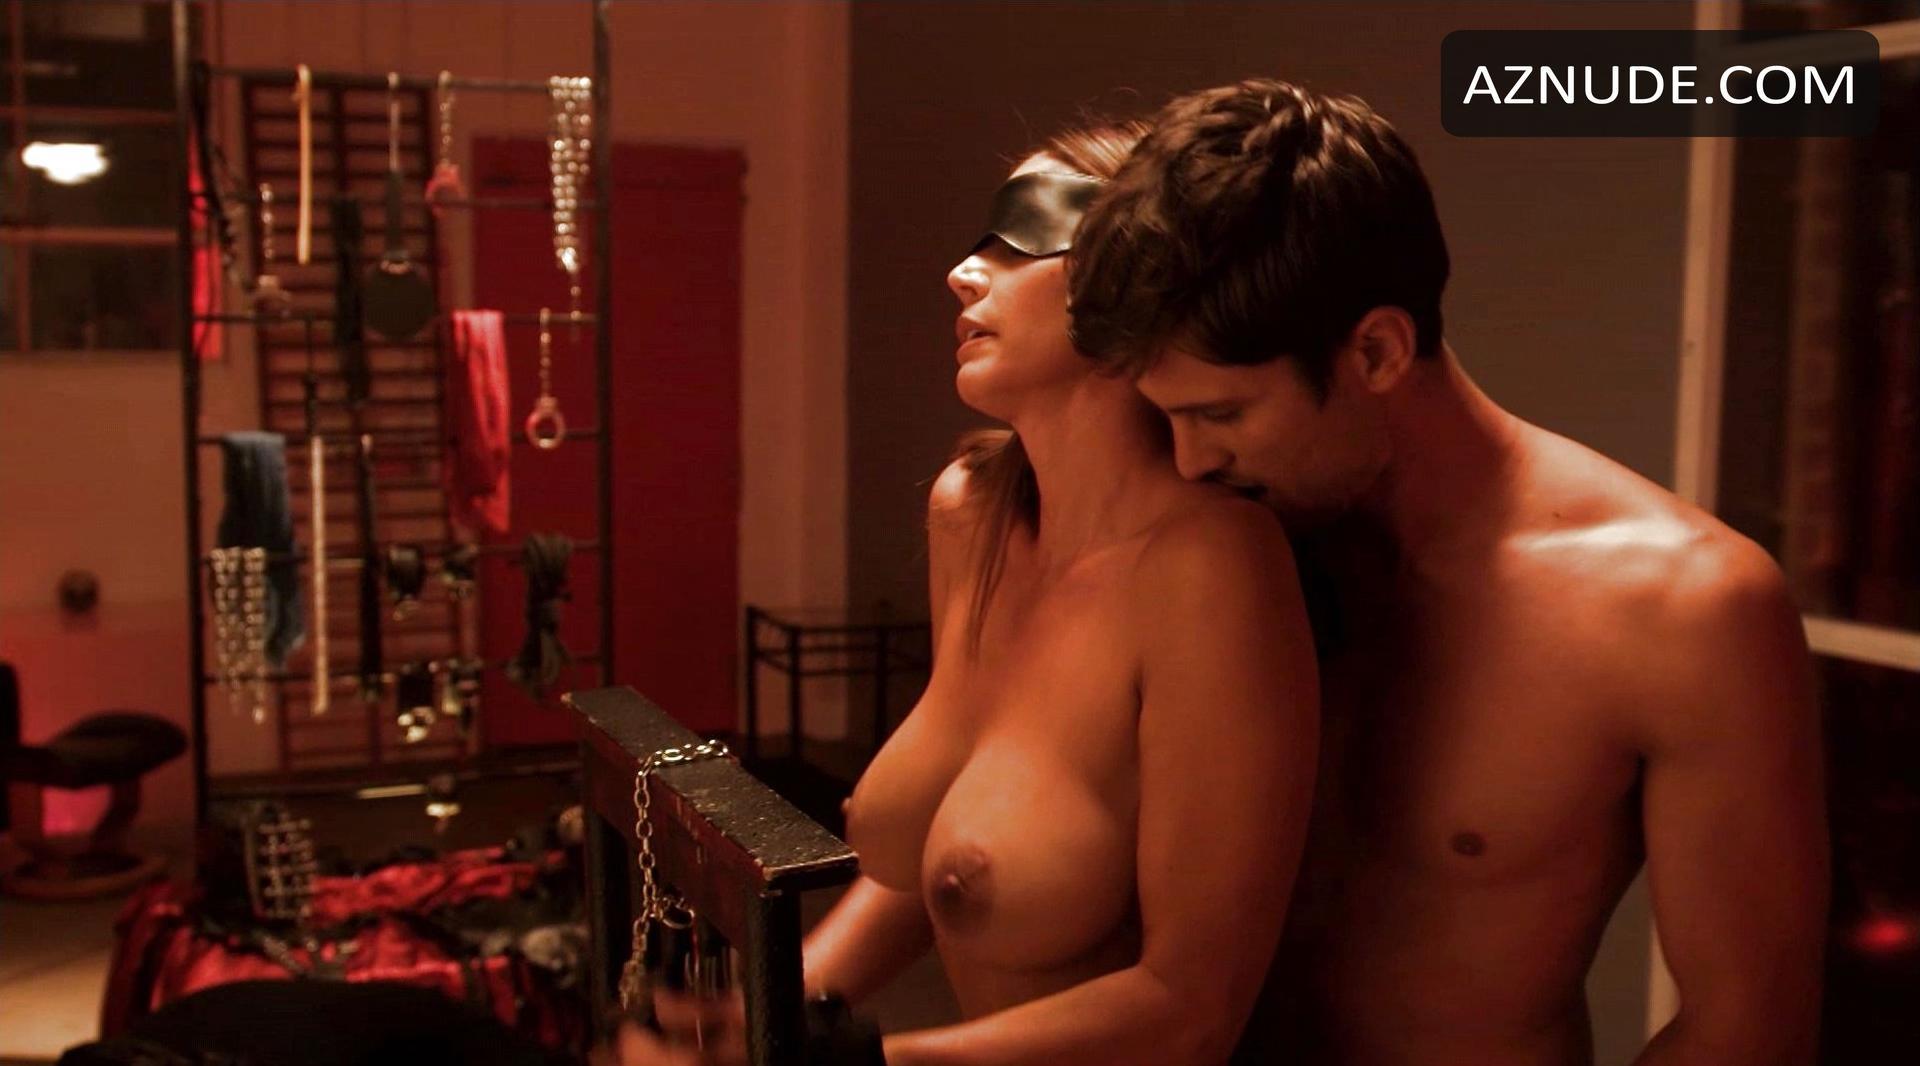 Naked lesbian sex pics-3534